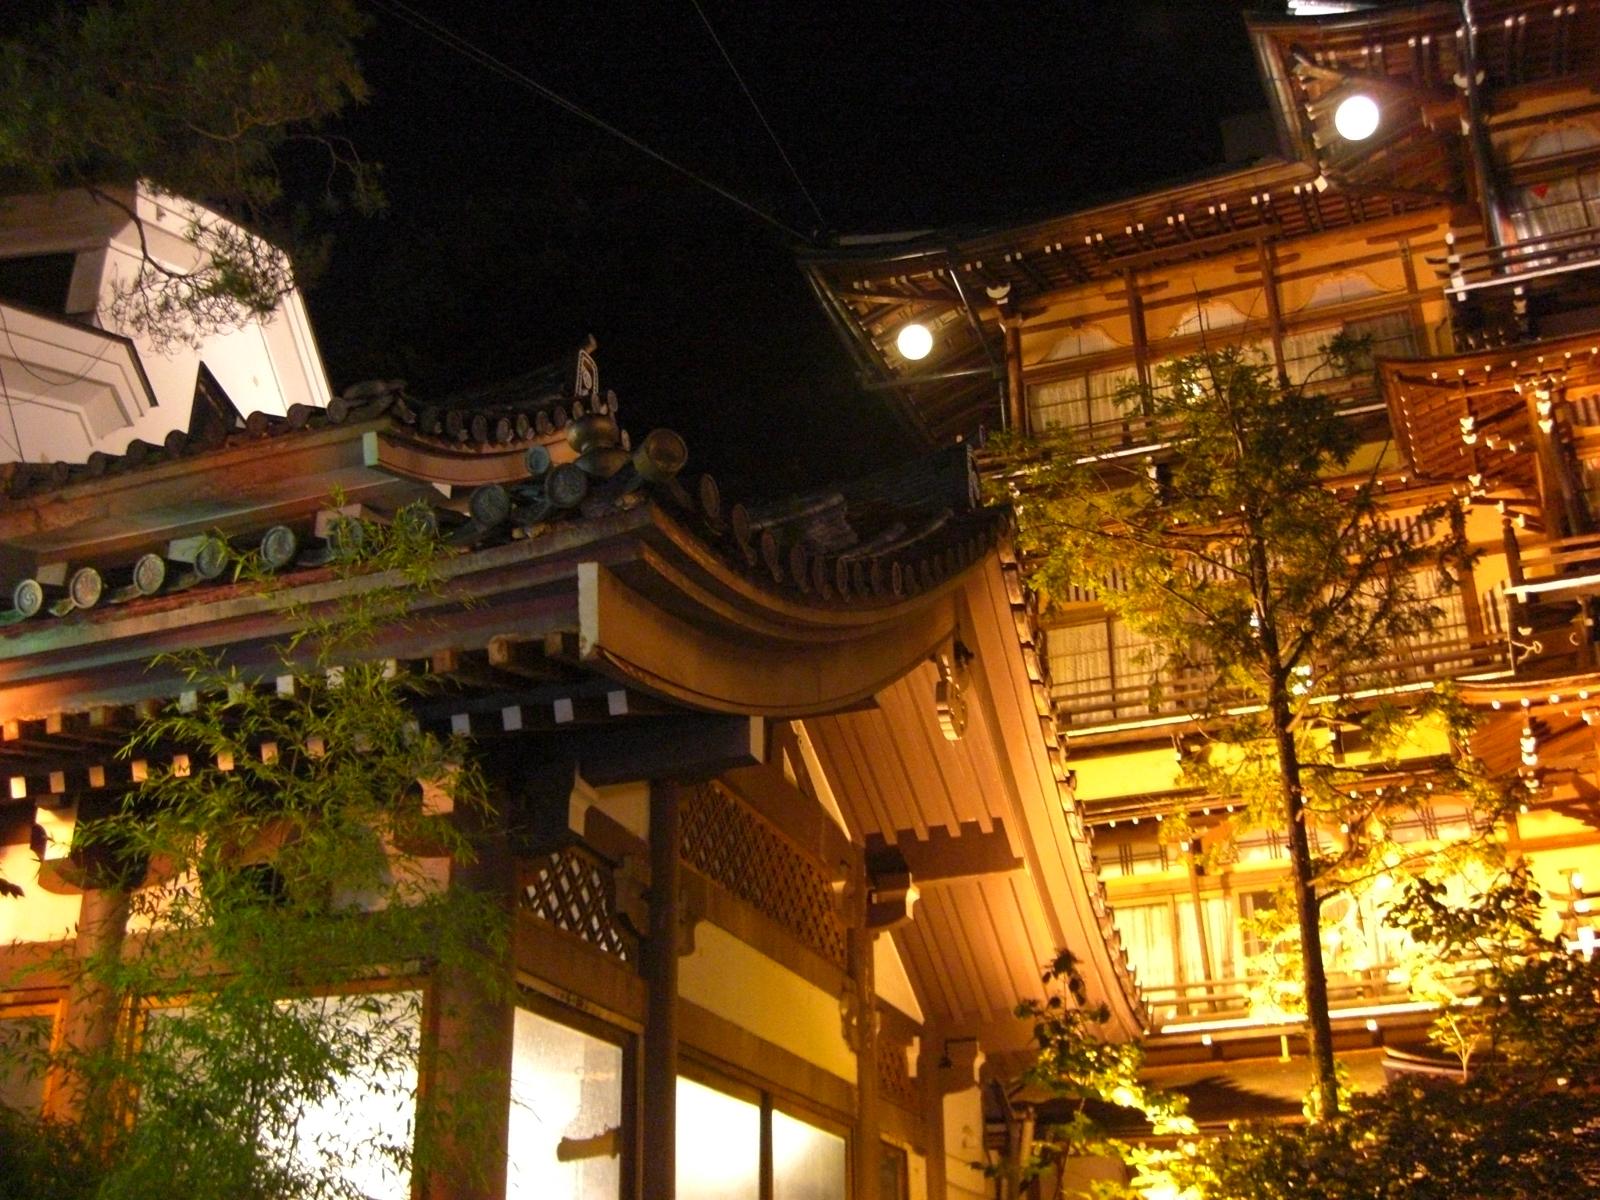 夜の渋温泉5金具屋